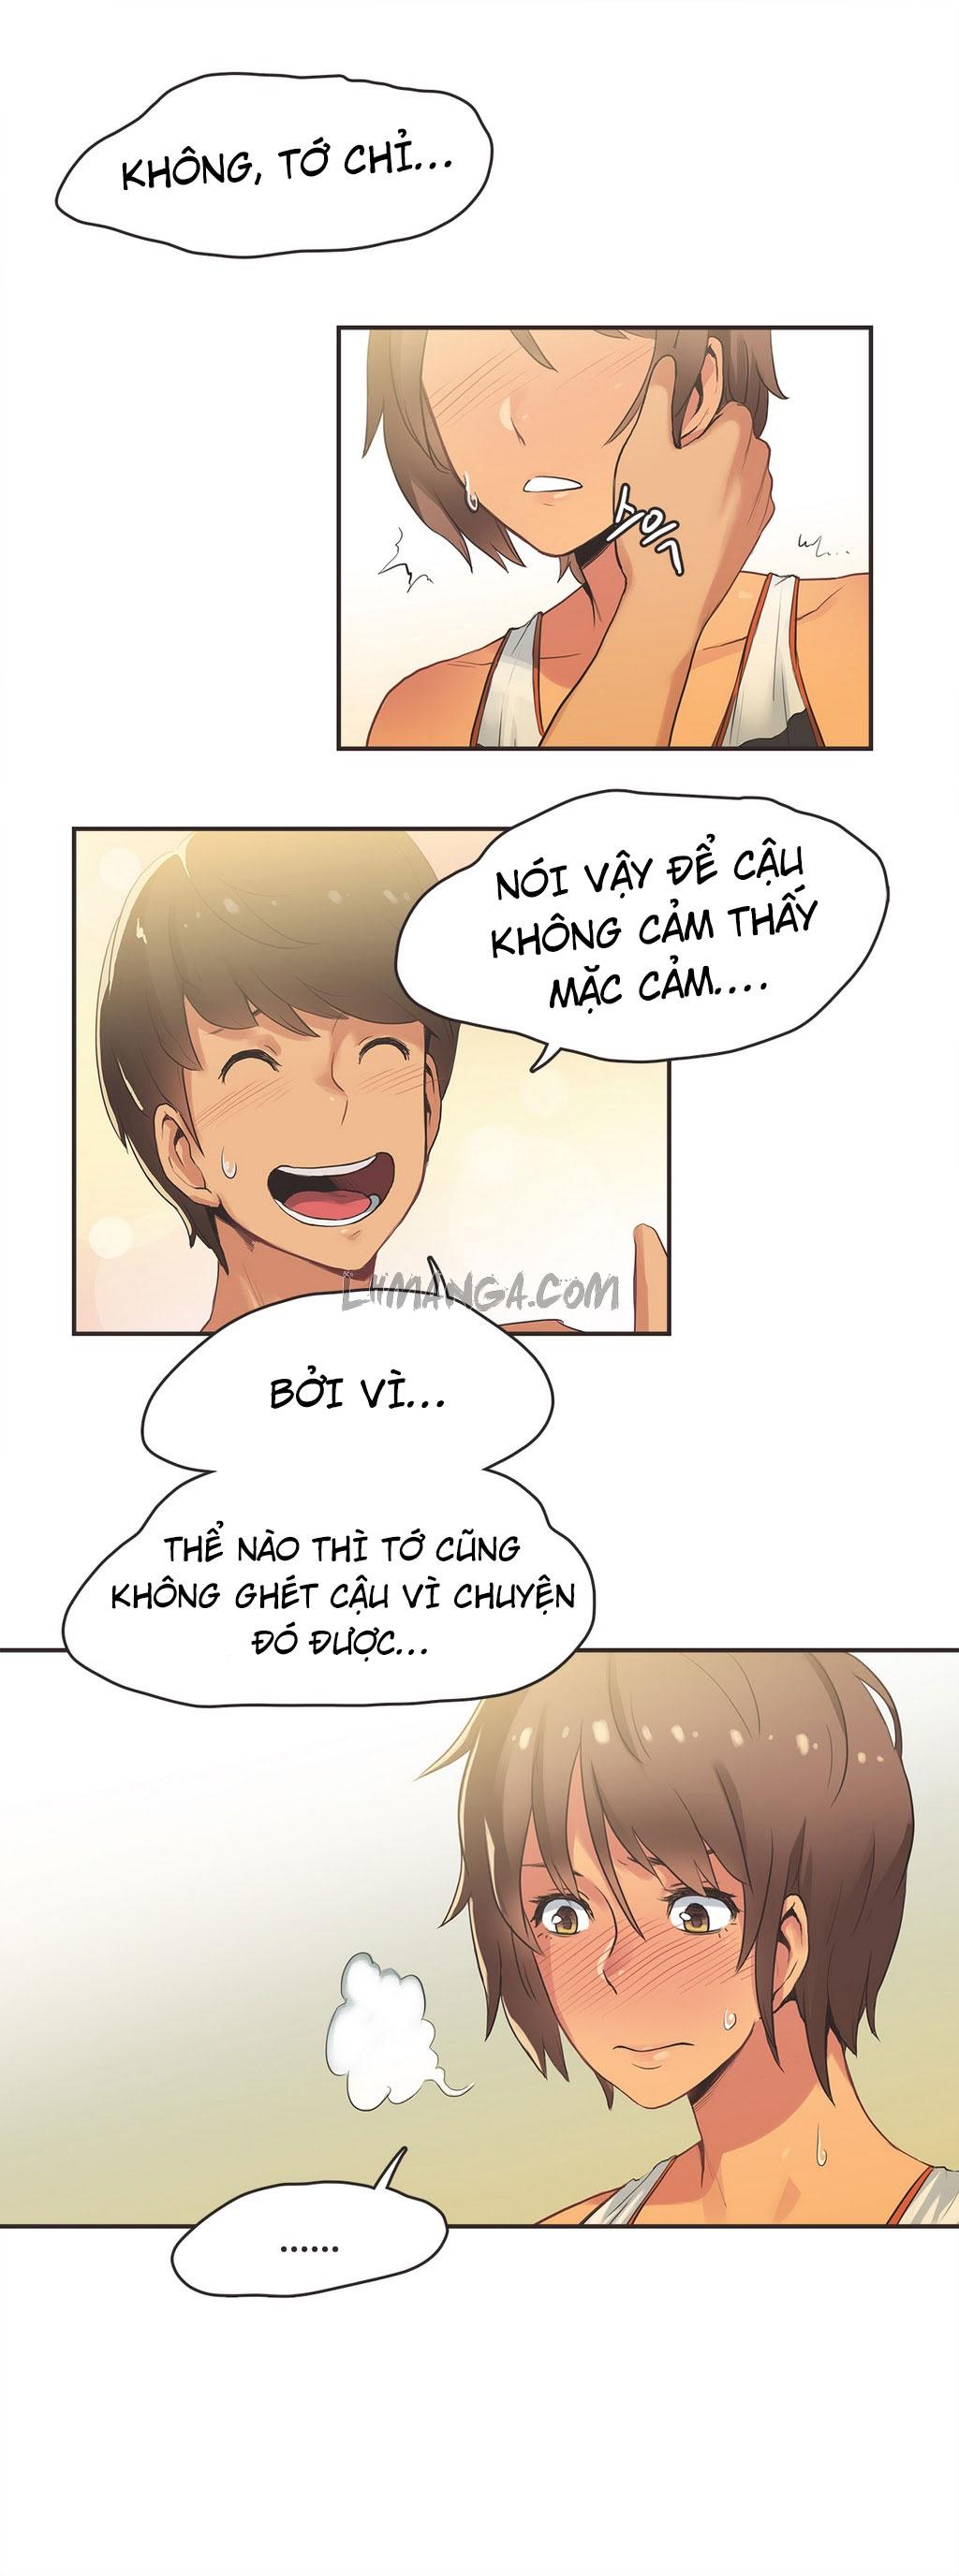 Hình ảnh HINH_00016 in Sports Girl - Gái Thể Thao